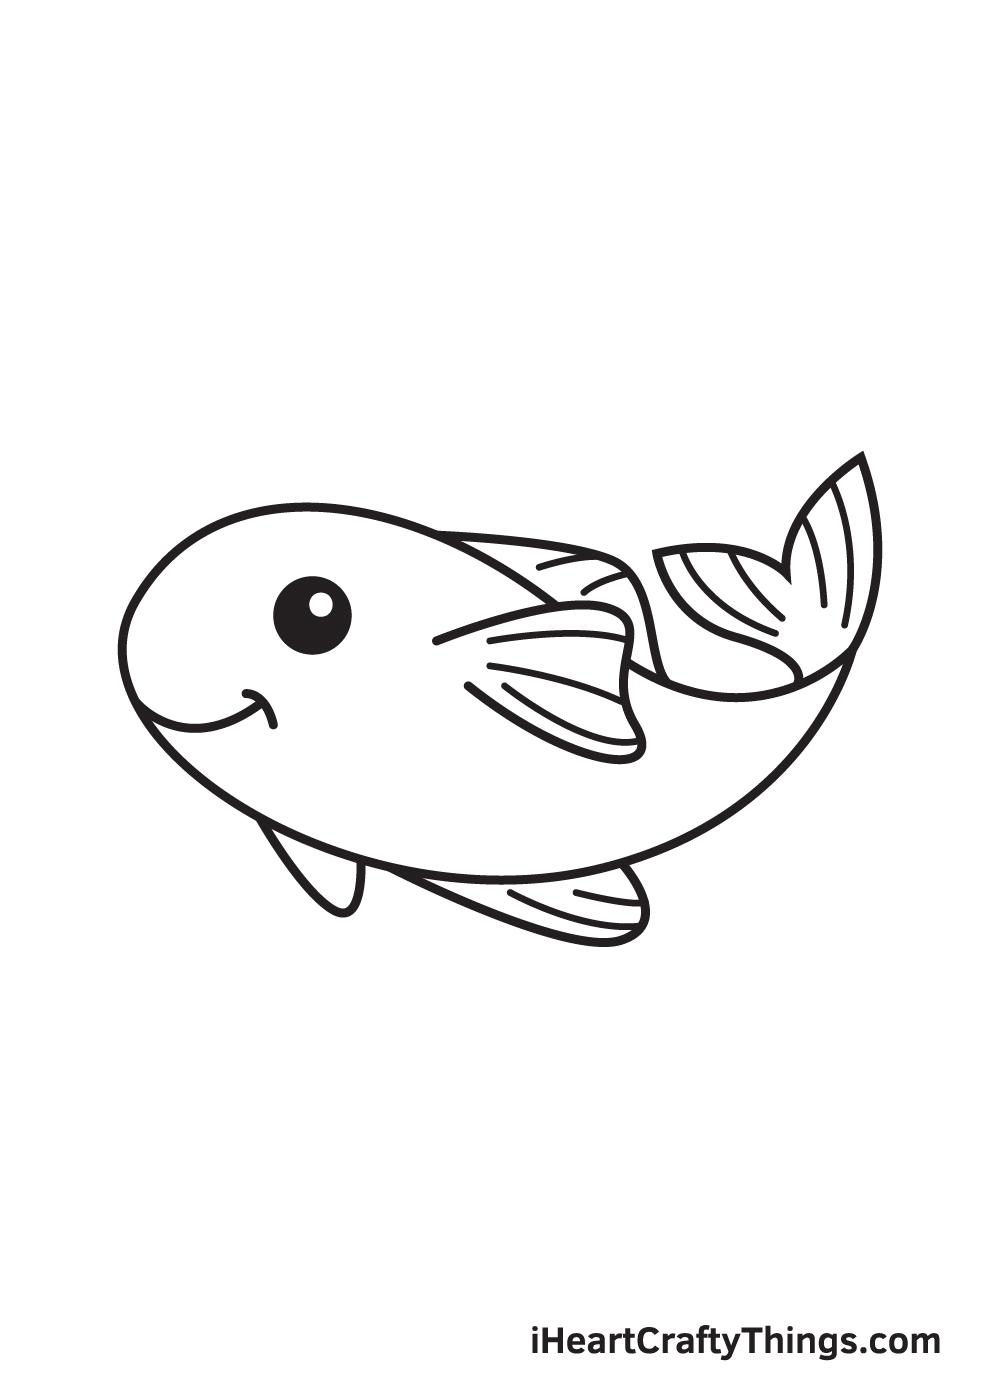 koi fish drawing step 8